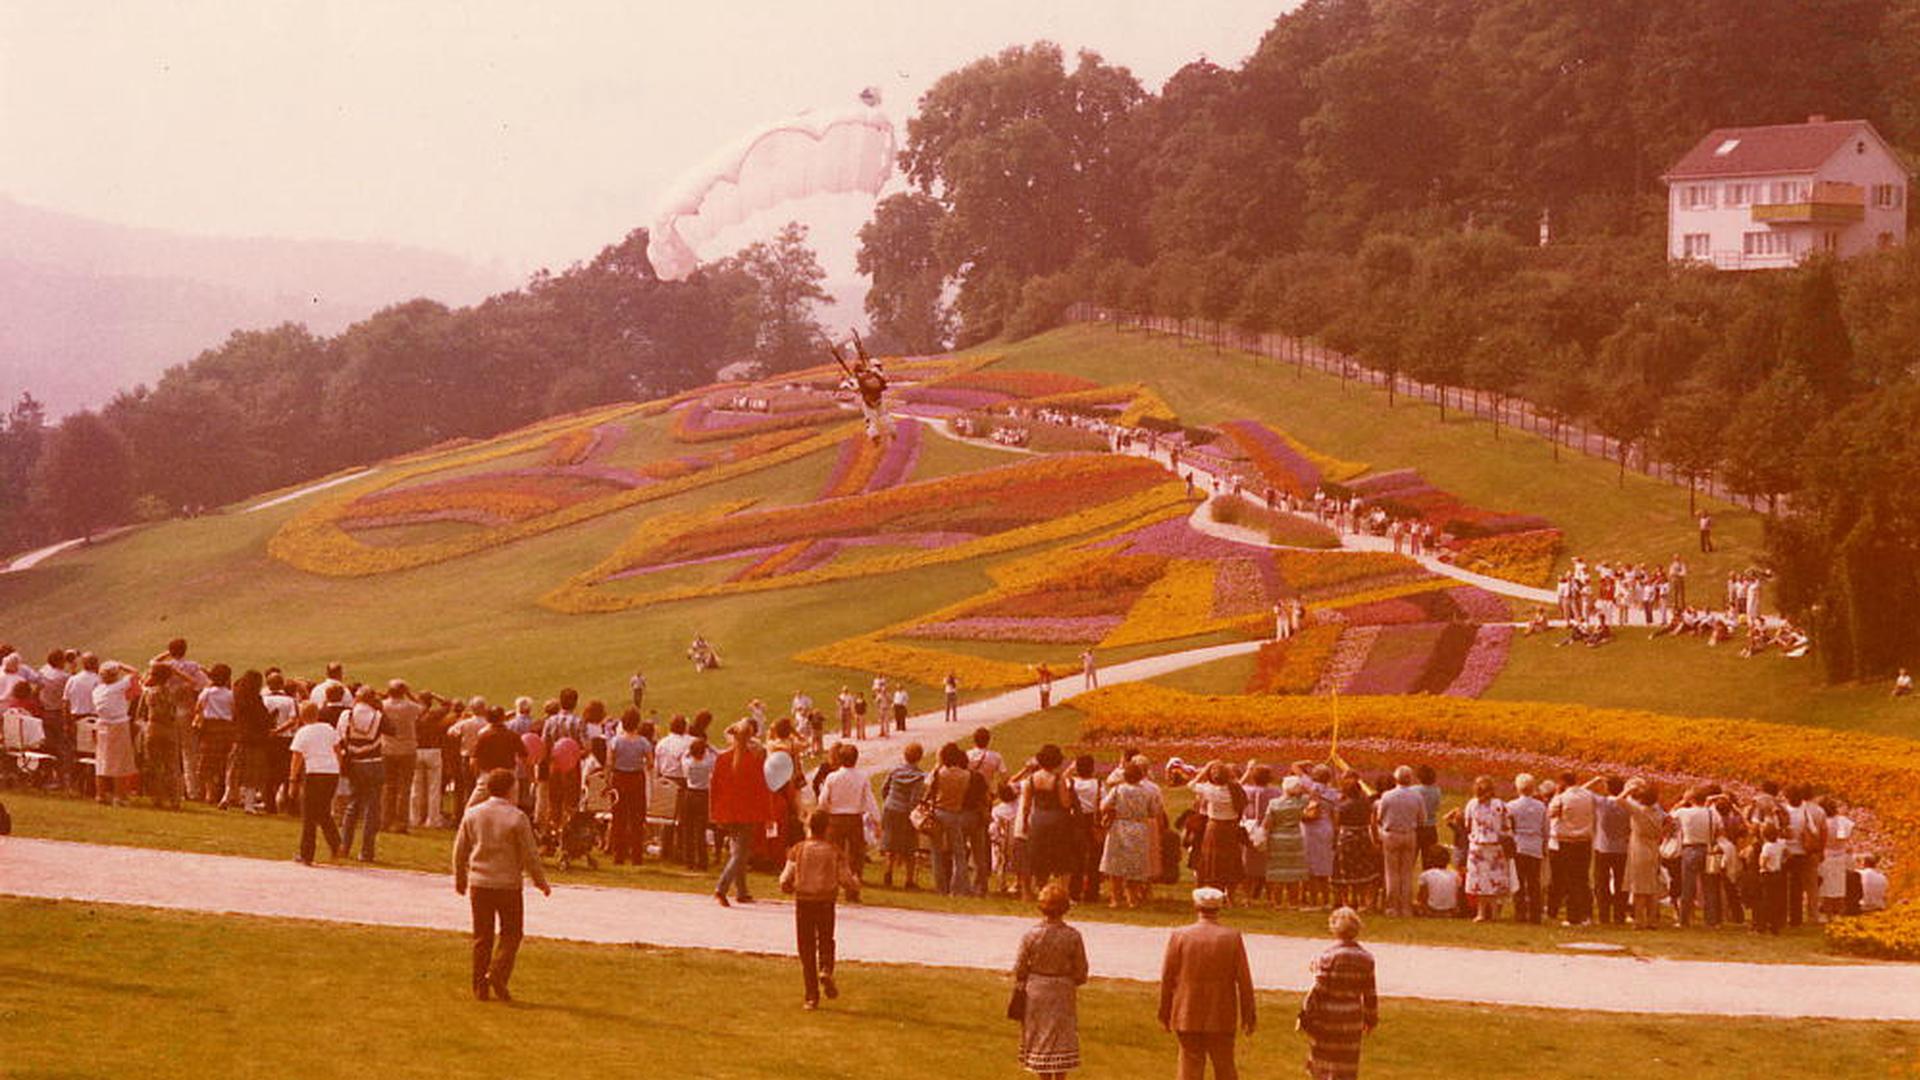 Menschen stehen vor einem Blumenbeet.